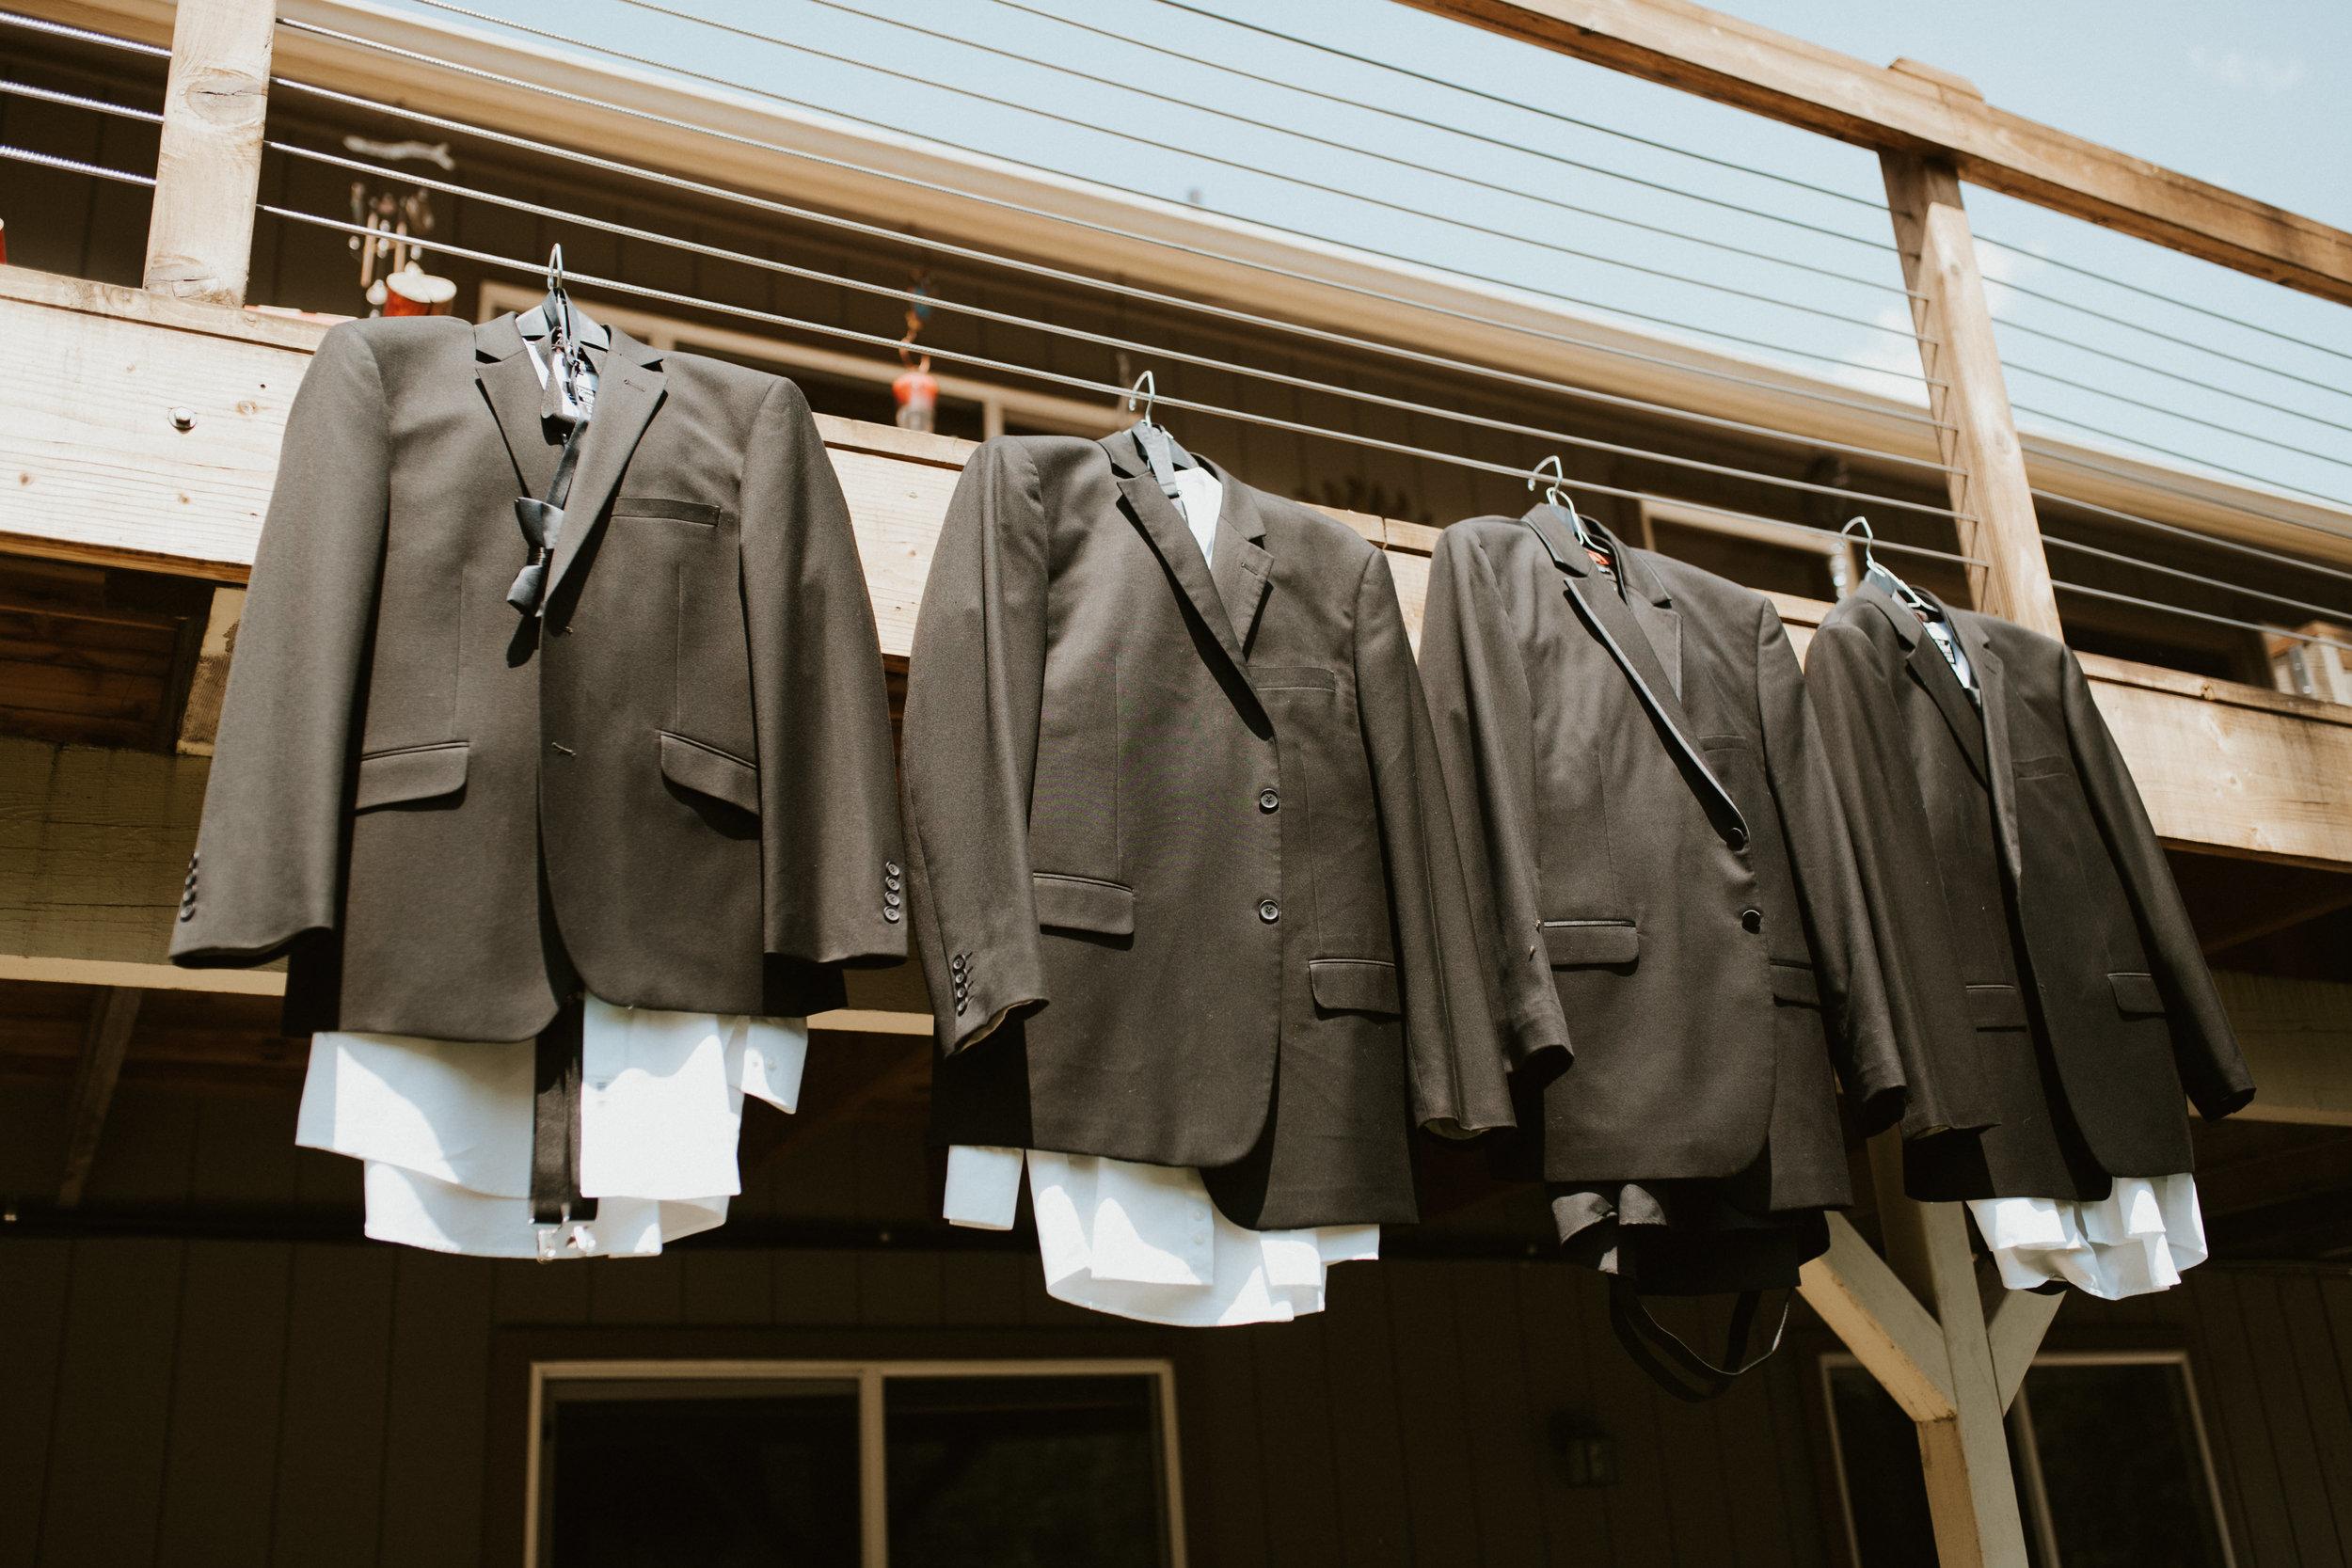 groomsmen tuxes hanging spokane wedding